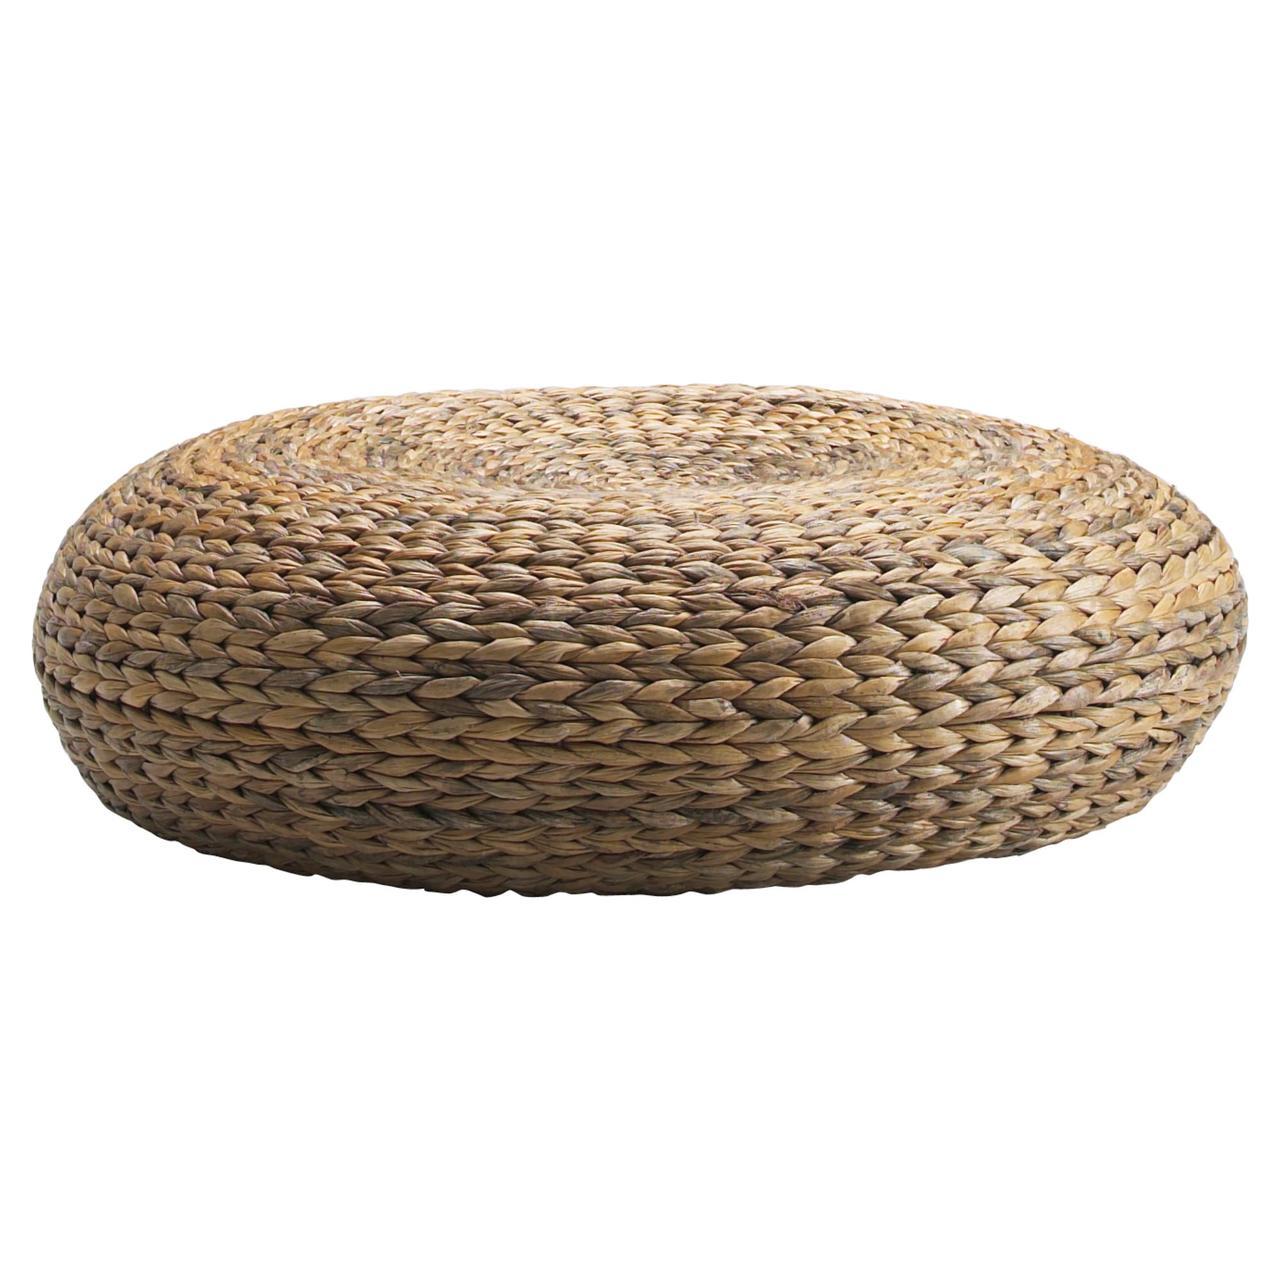 АЛЬСЕДА Пуф-табурет, волокно банана